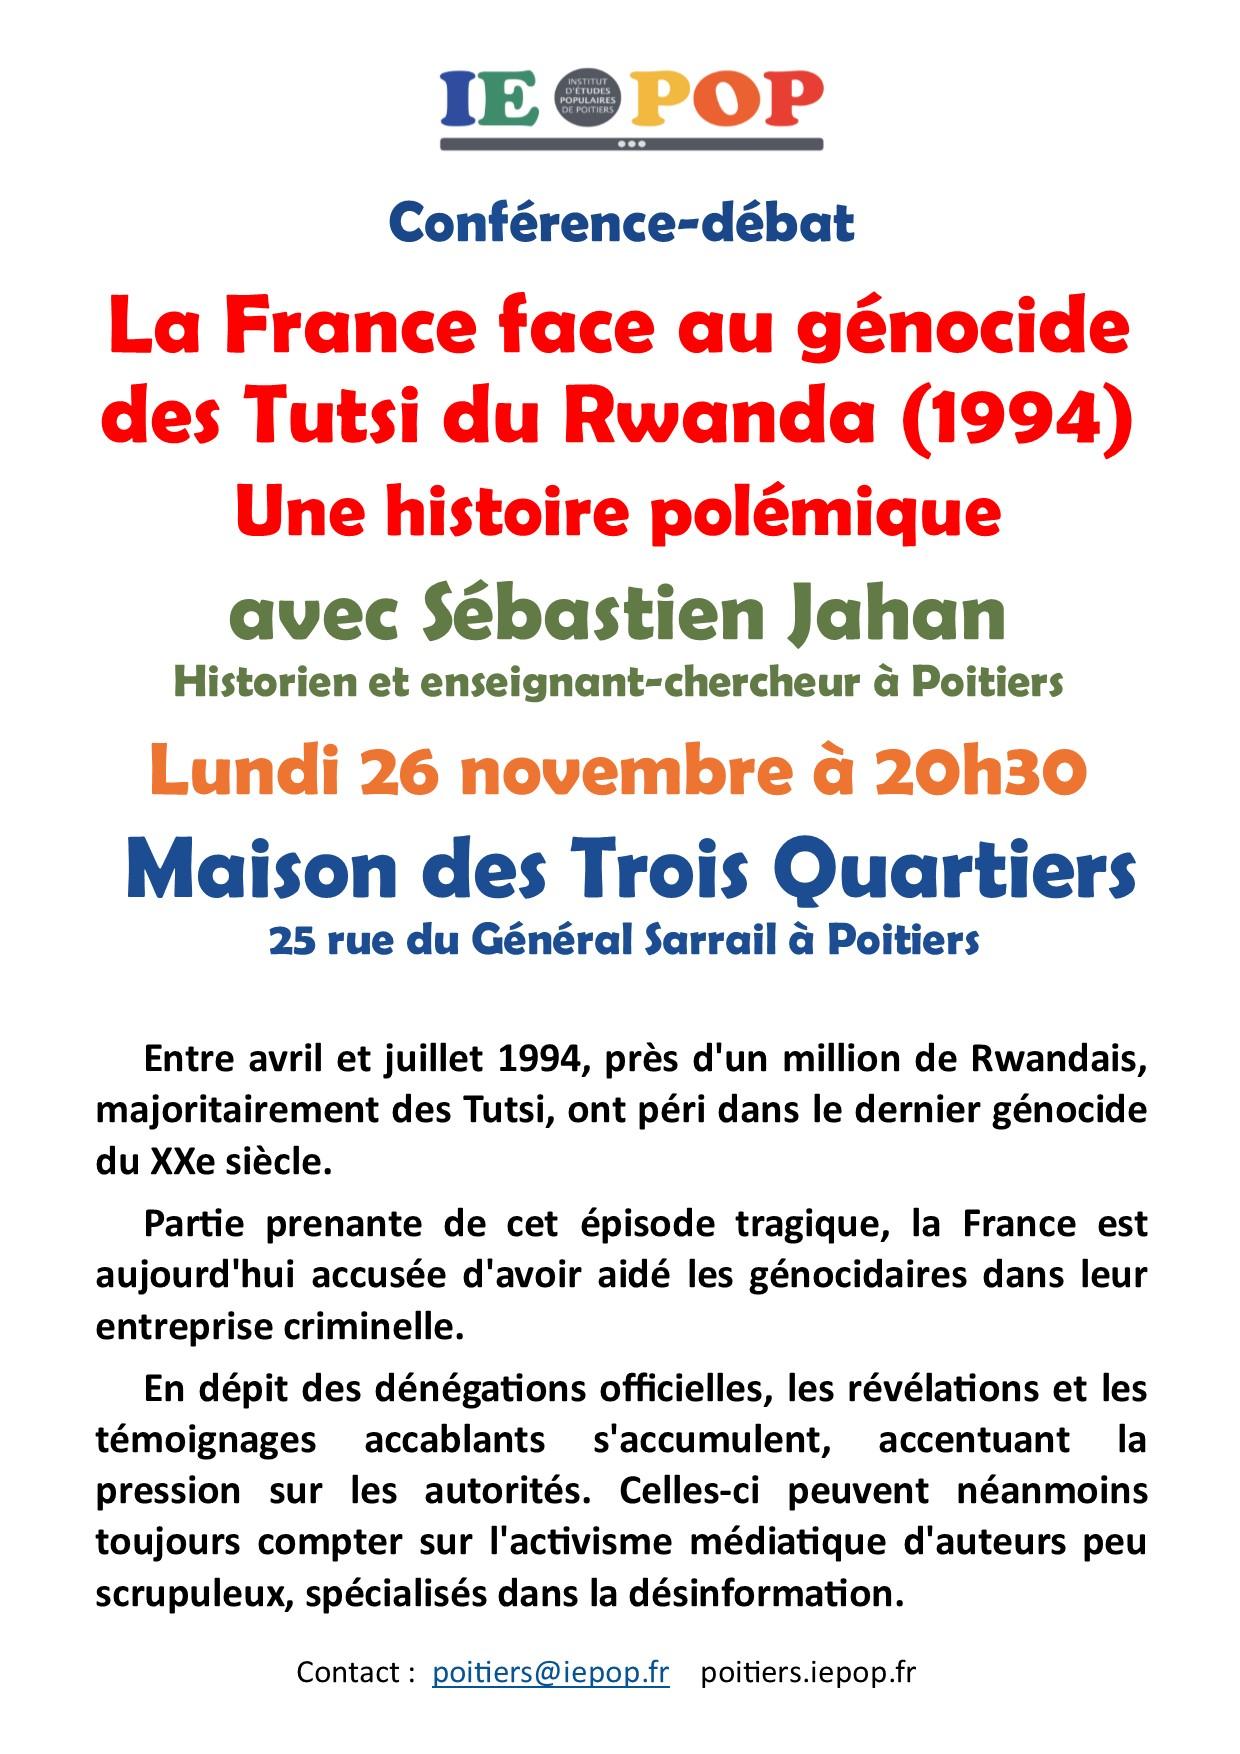 La France face au génocide des Tutsis du Rwanda : une histoire polémique @ Maison des Trois Quartiers | Roubaix | Hauts-de-France | France